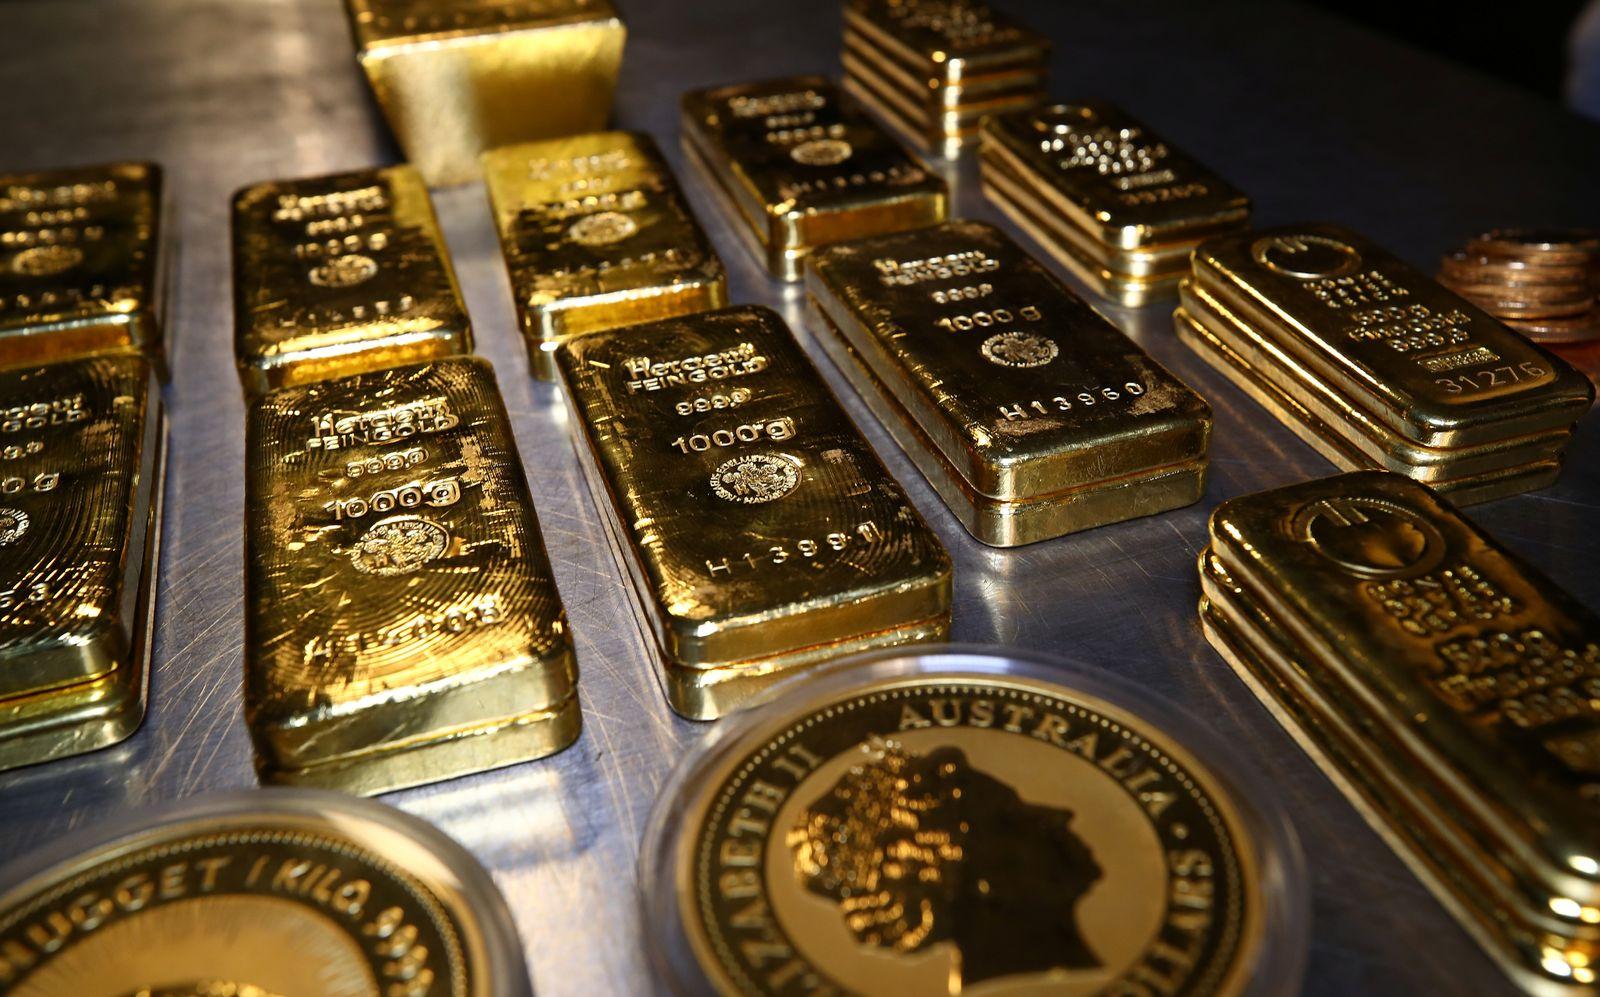 Goldbarren / Gold